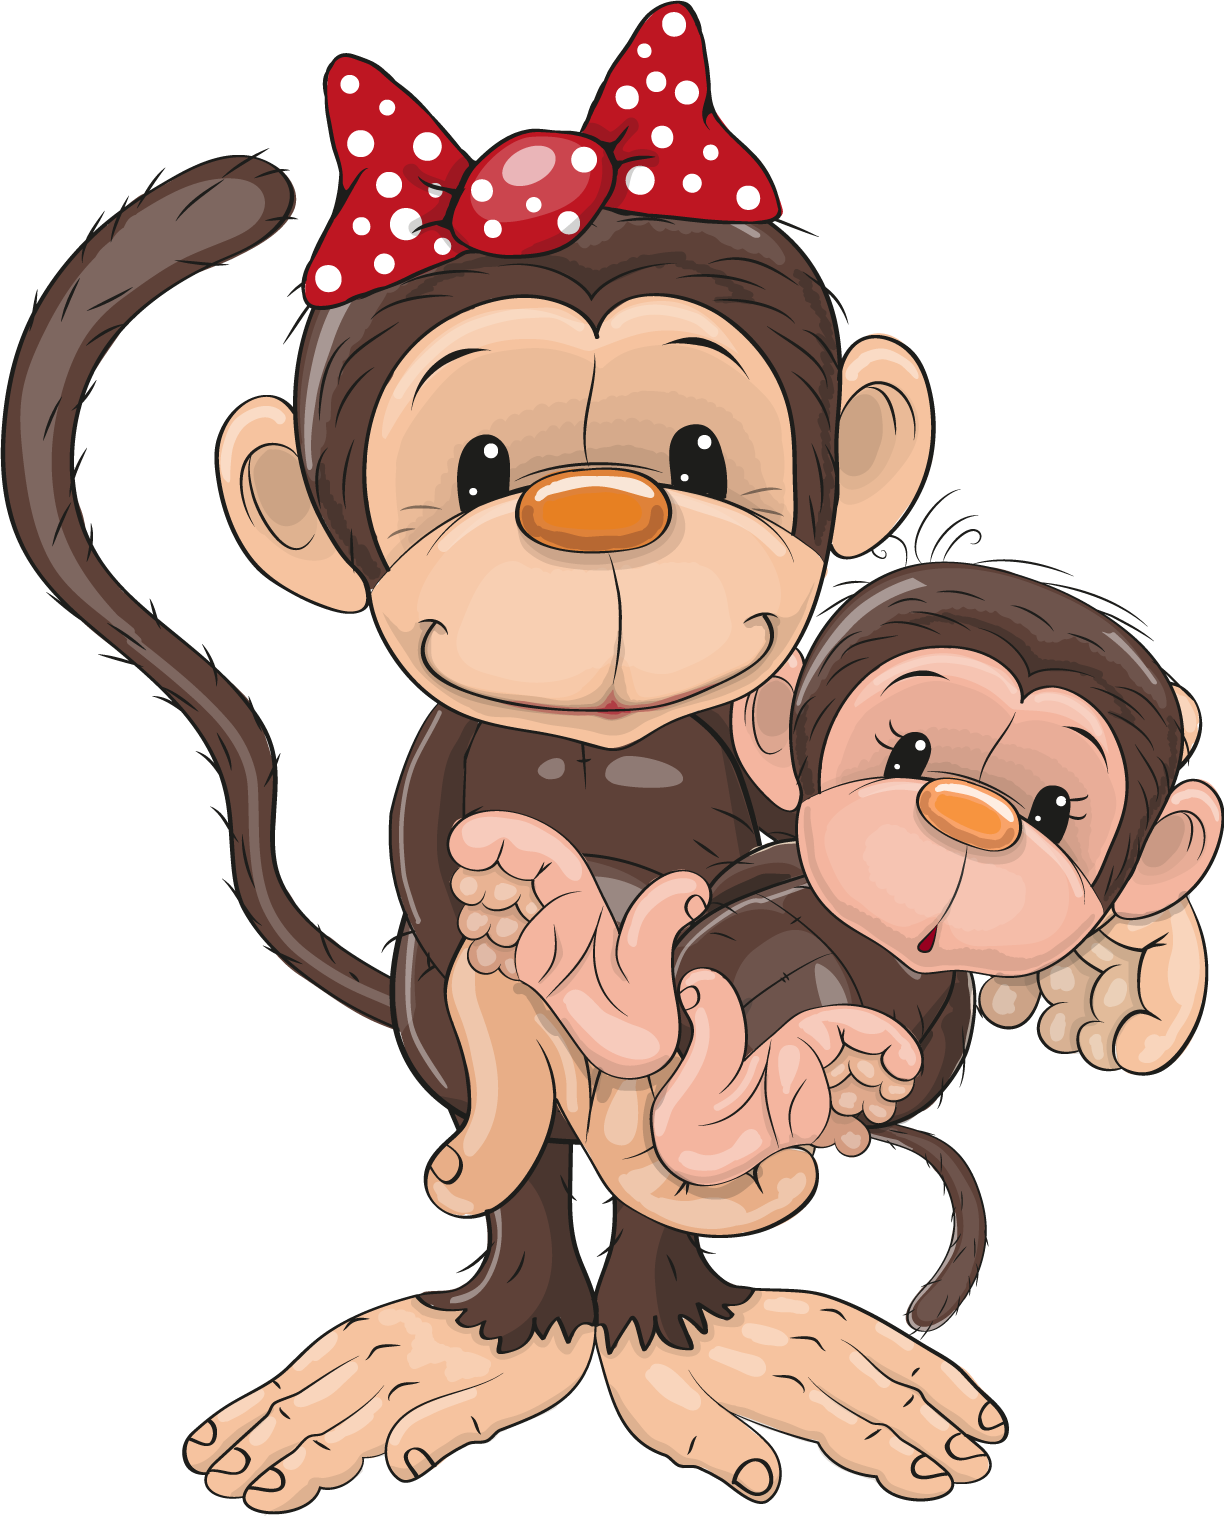 Труда класс, смешные обезьянки в рисунках